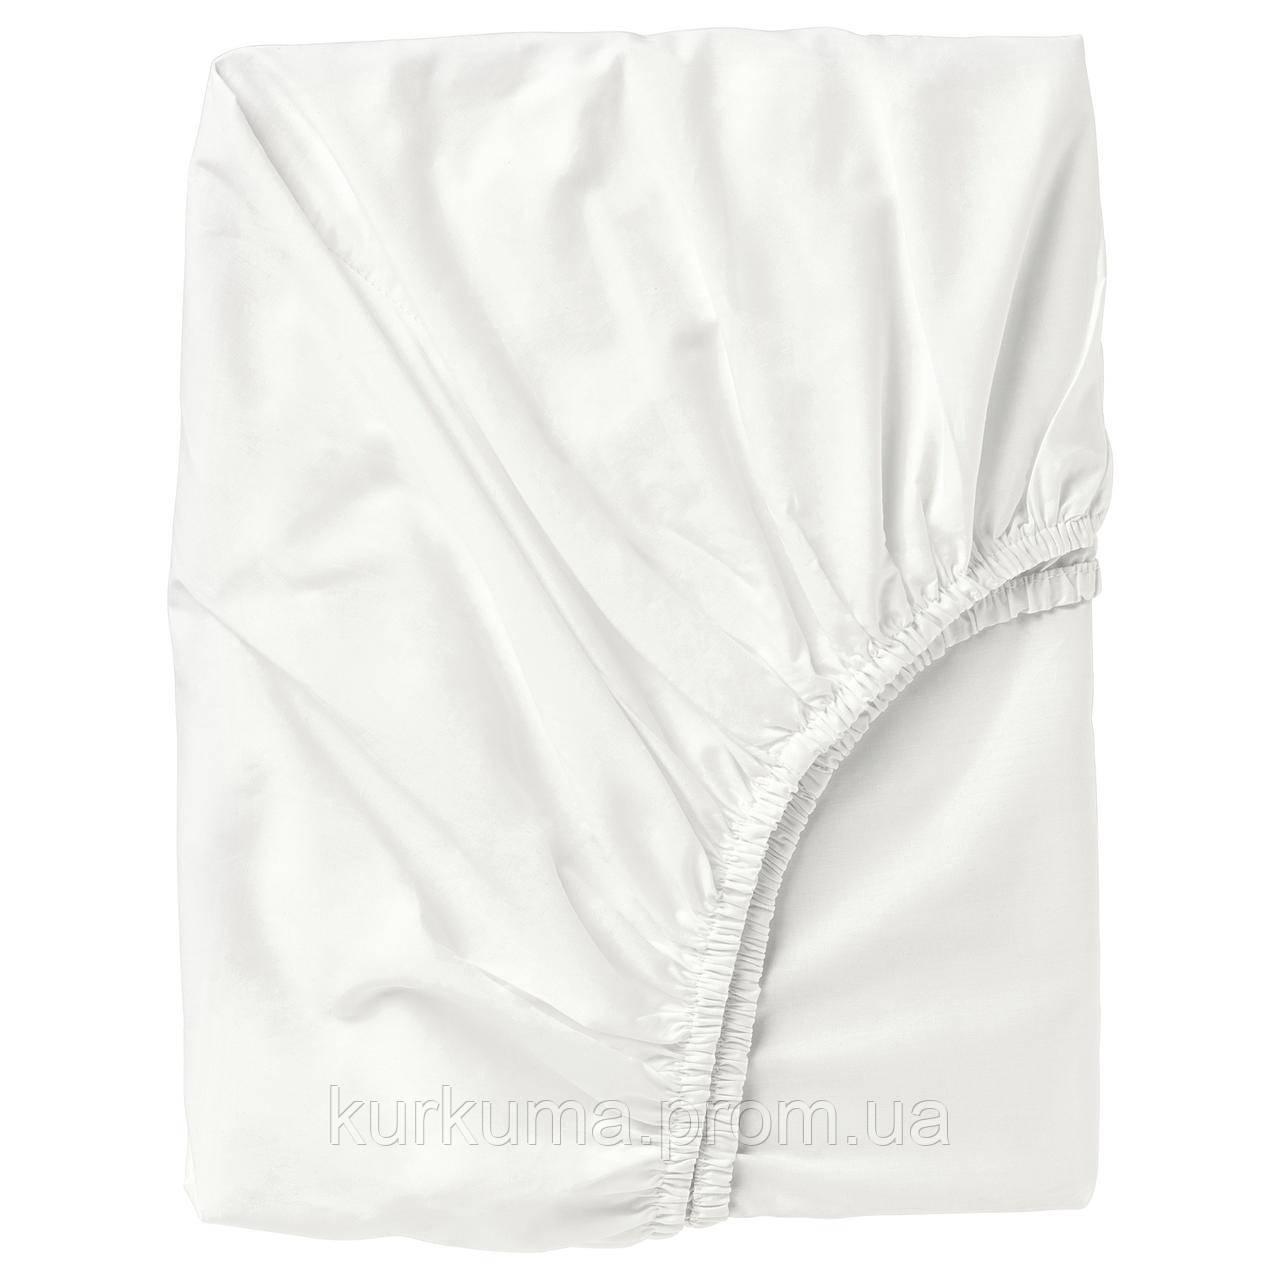 IKEA ULLVIDE Простыня с резинкой, белый  (103.427.72)